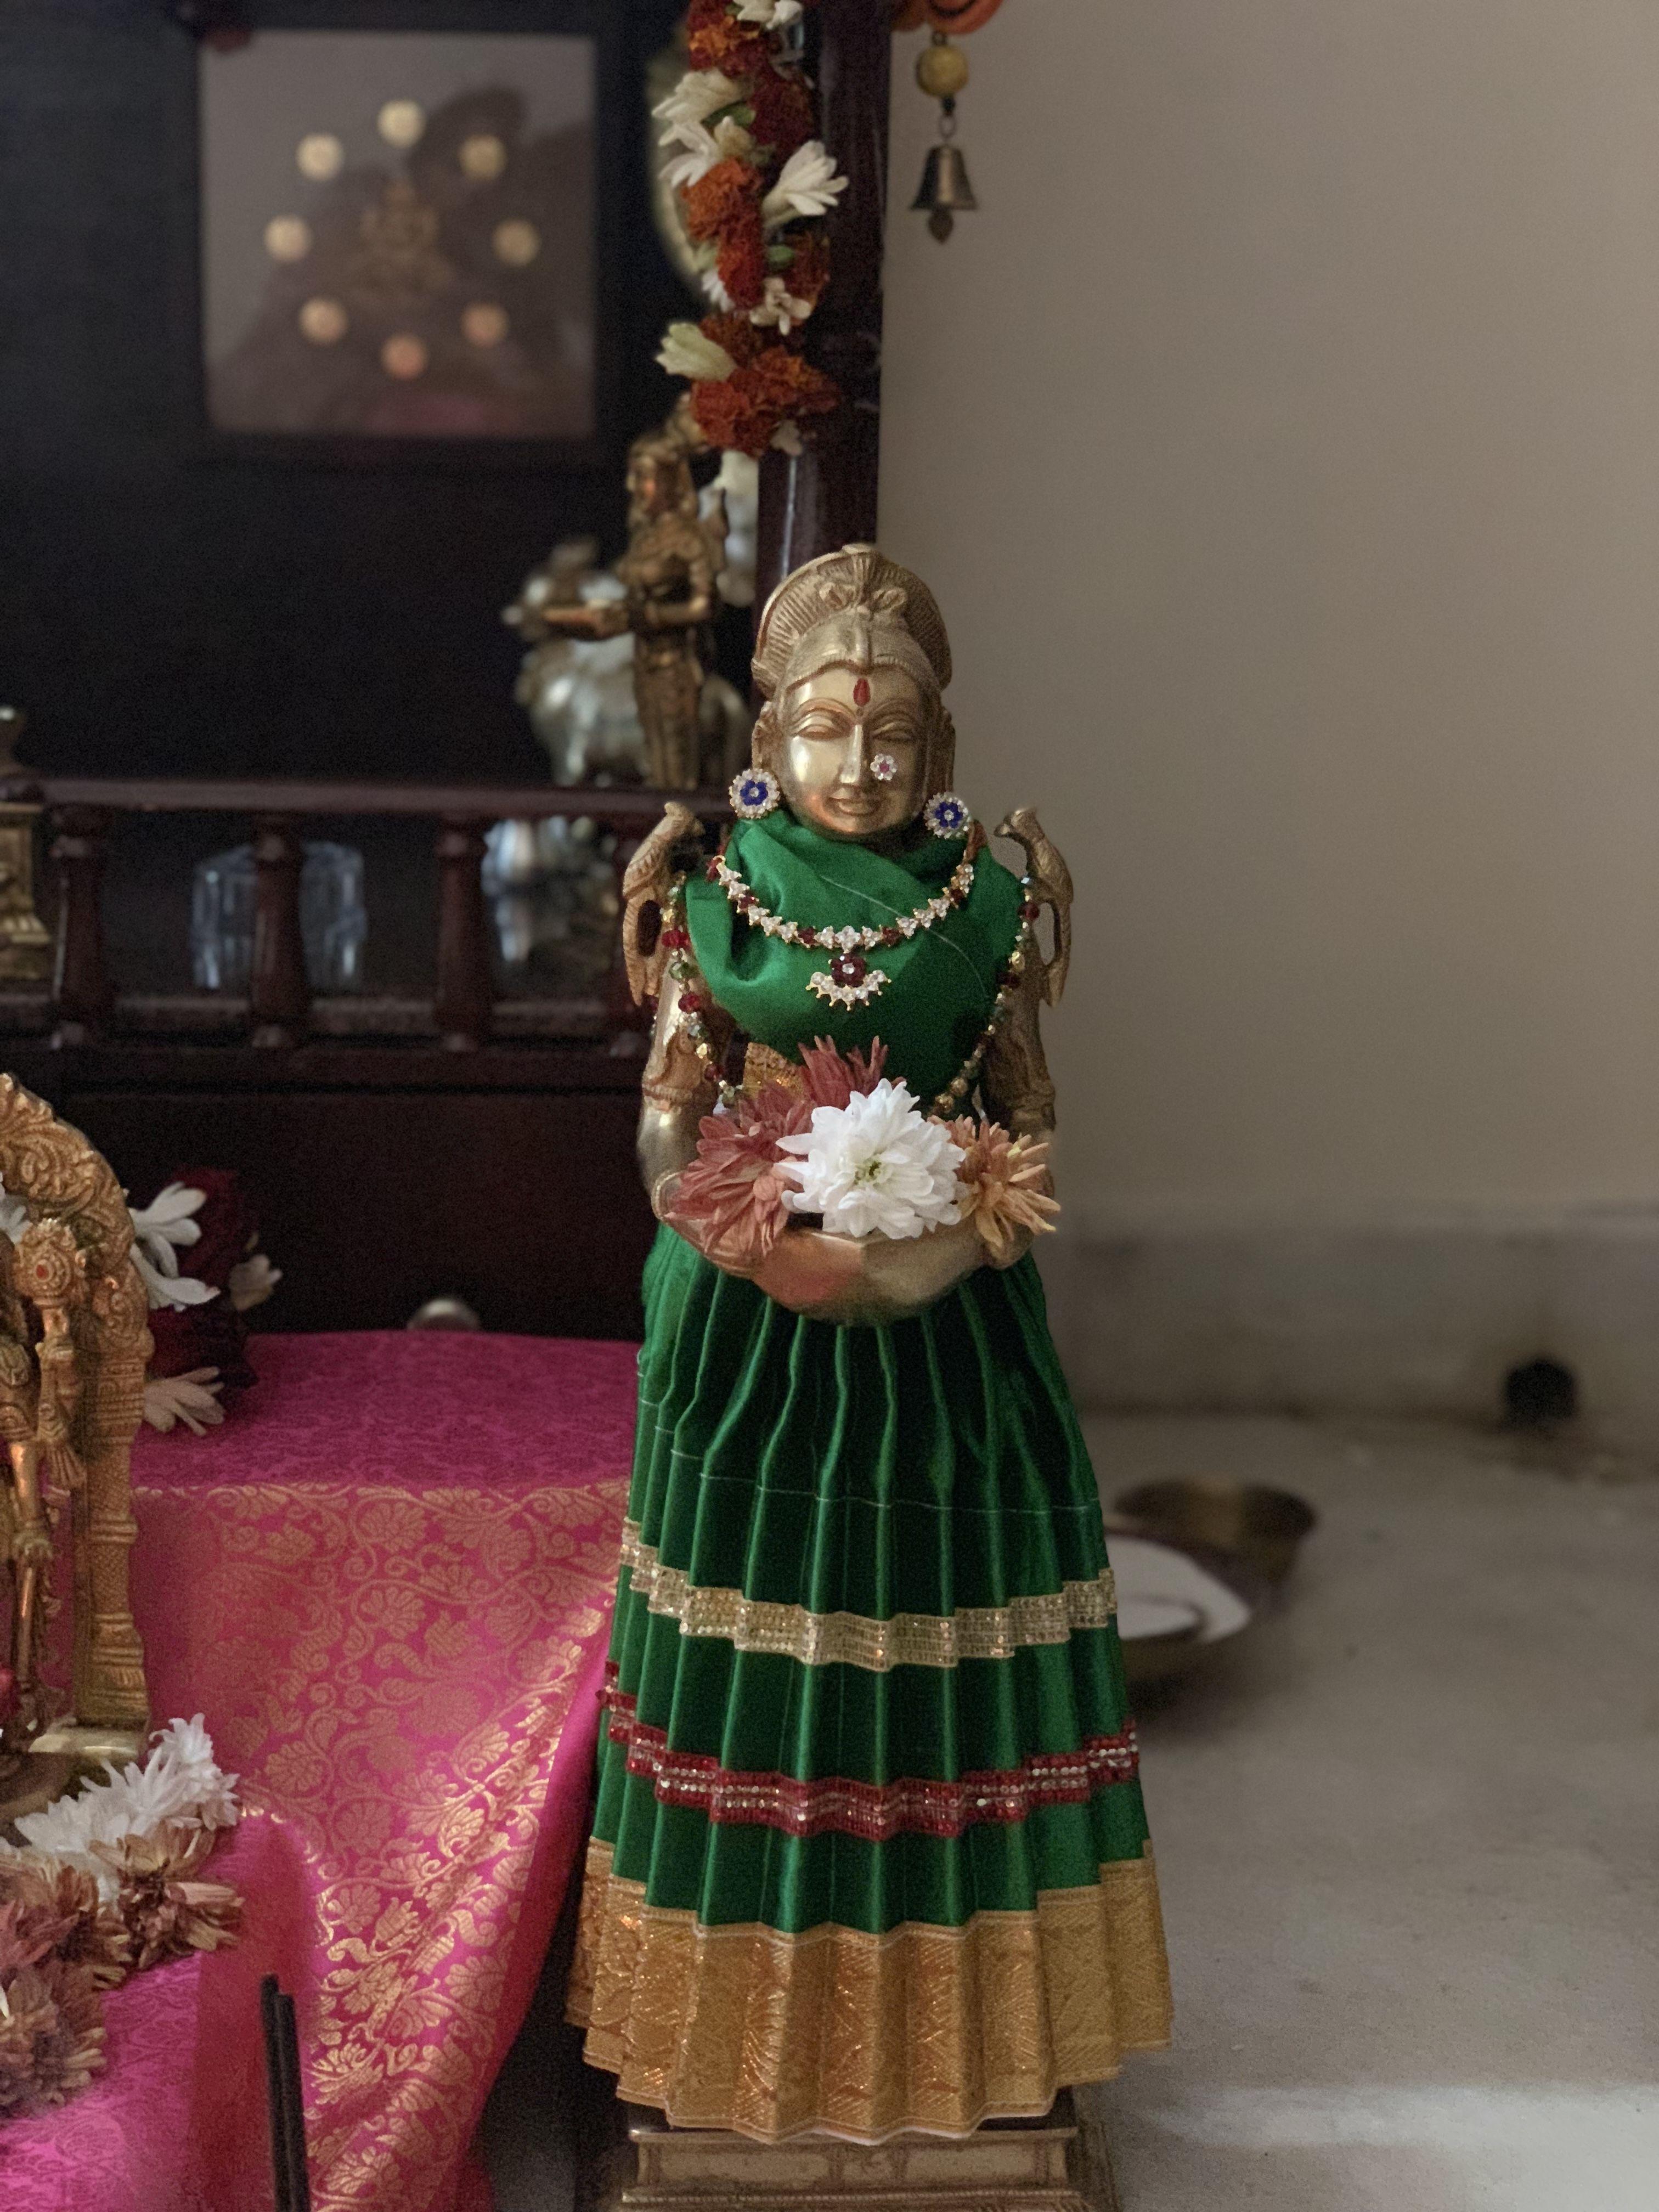 Pin by Penumatsa Neelu on Puja decorations | Traditional ...